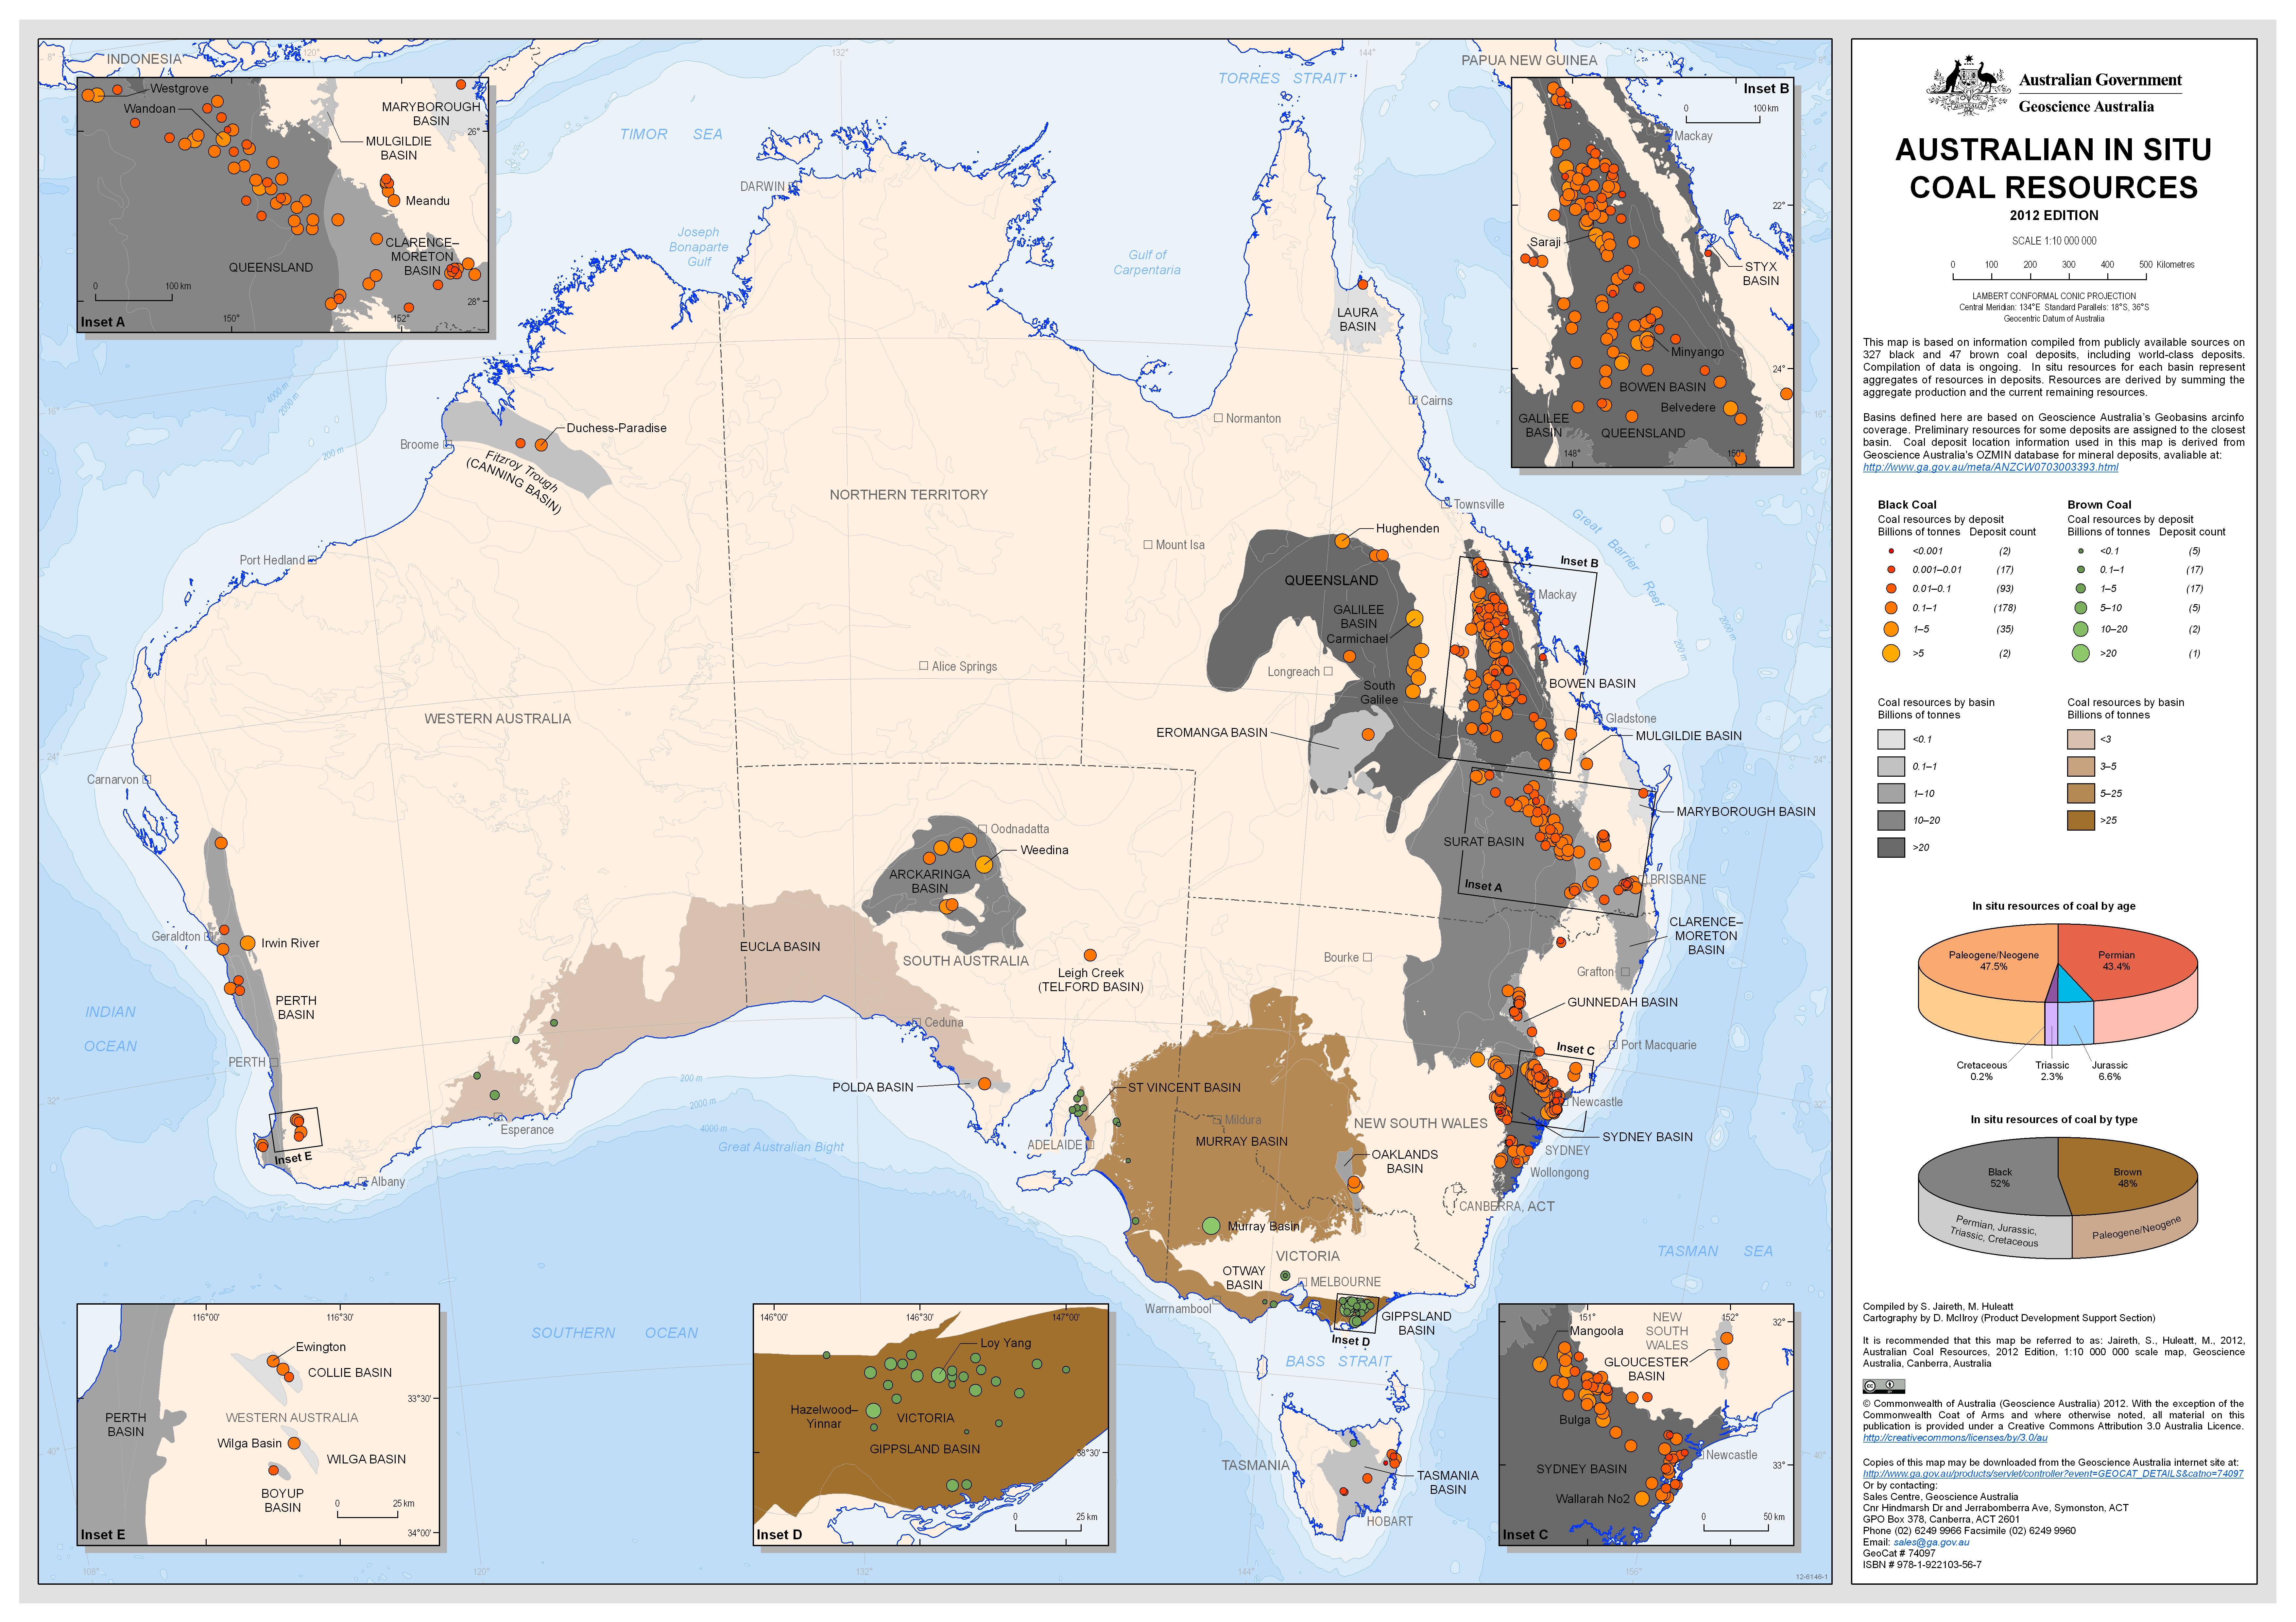 Australian Mineral Resources - Market Index